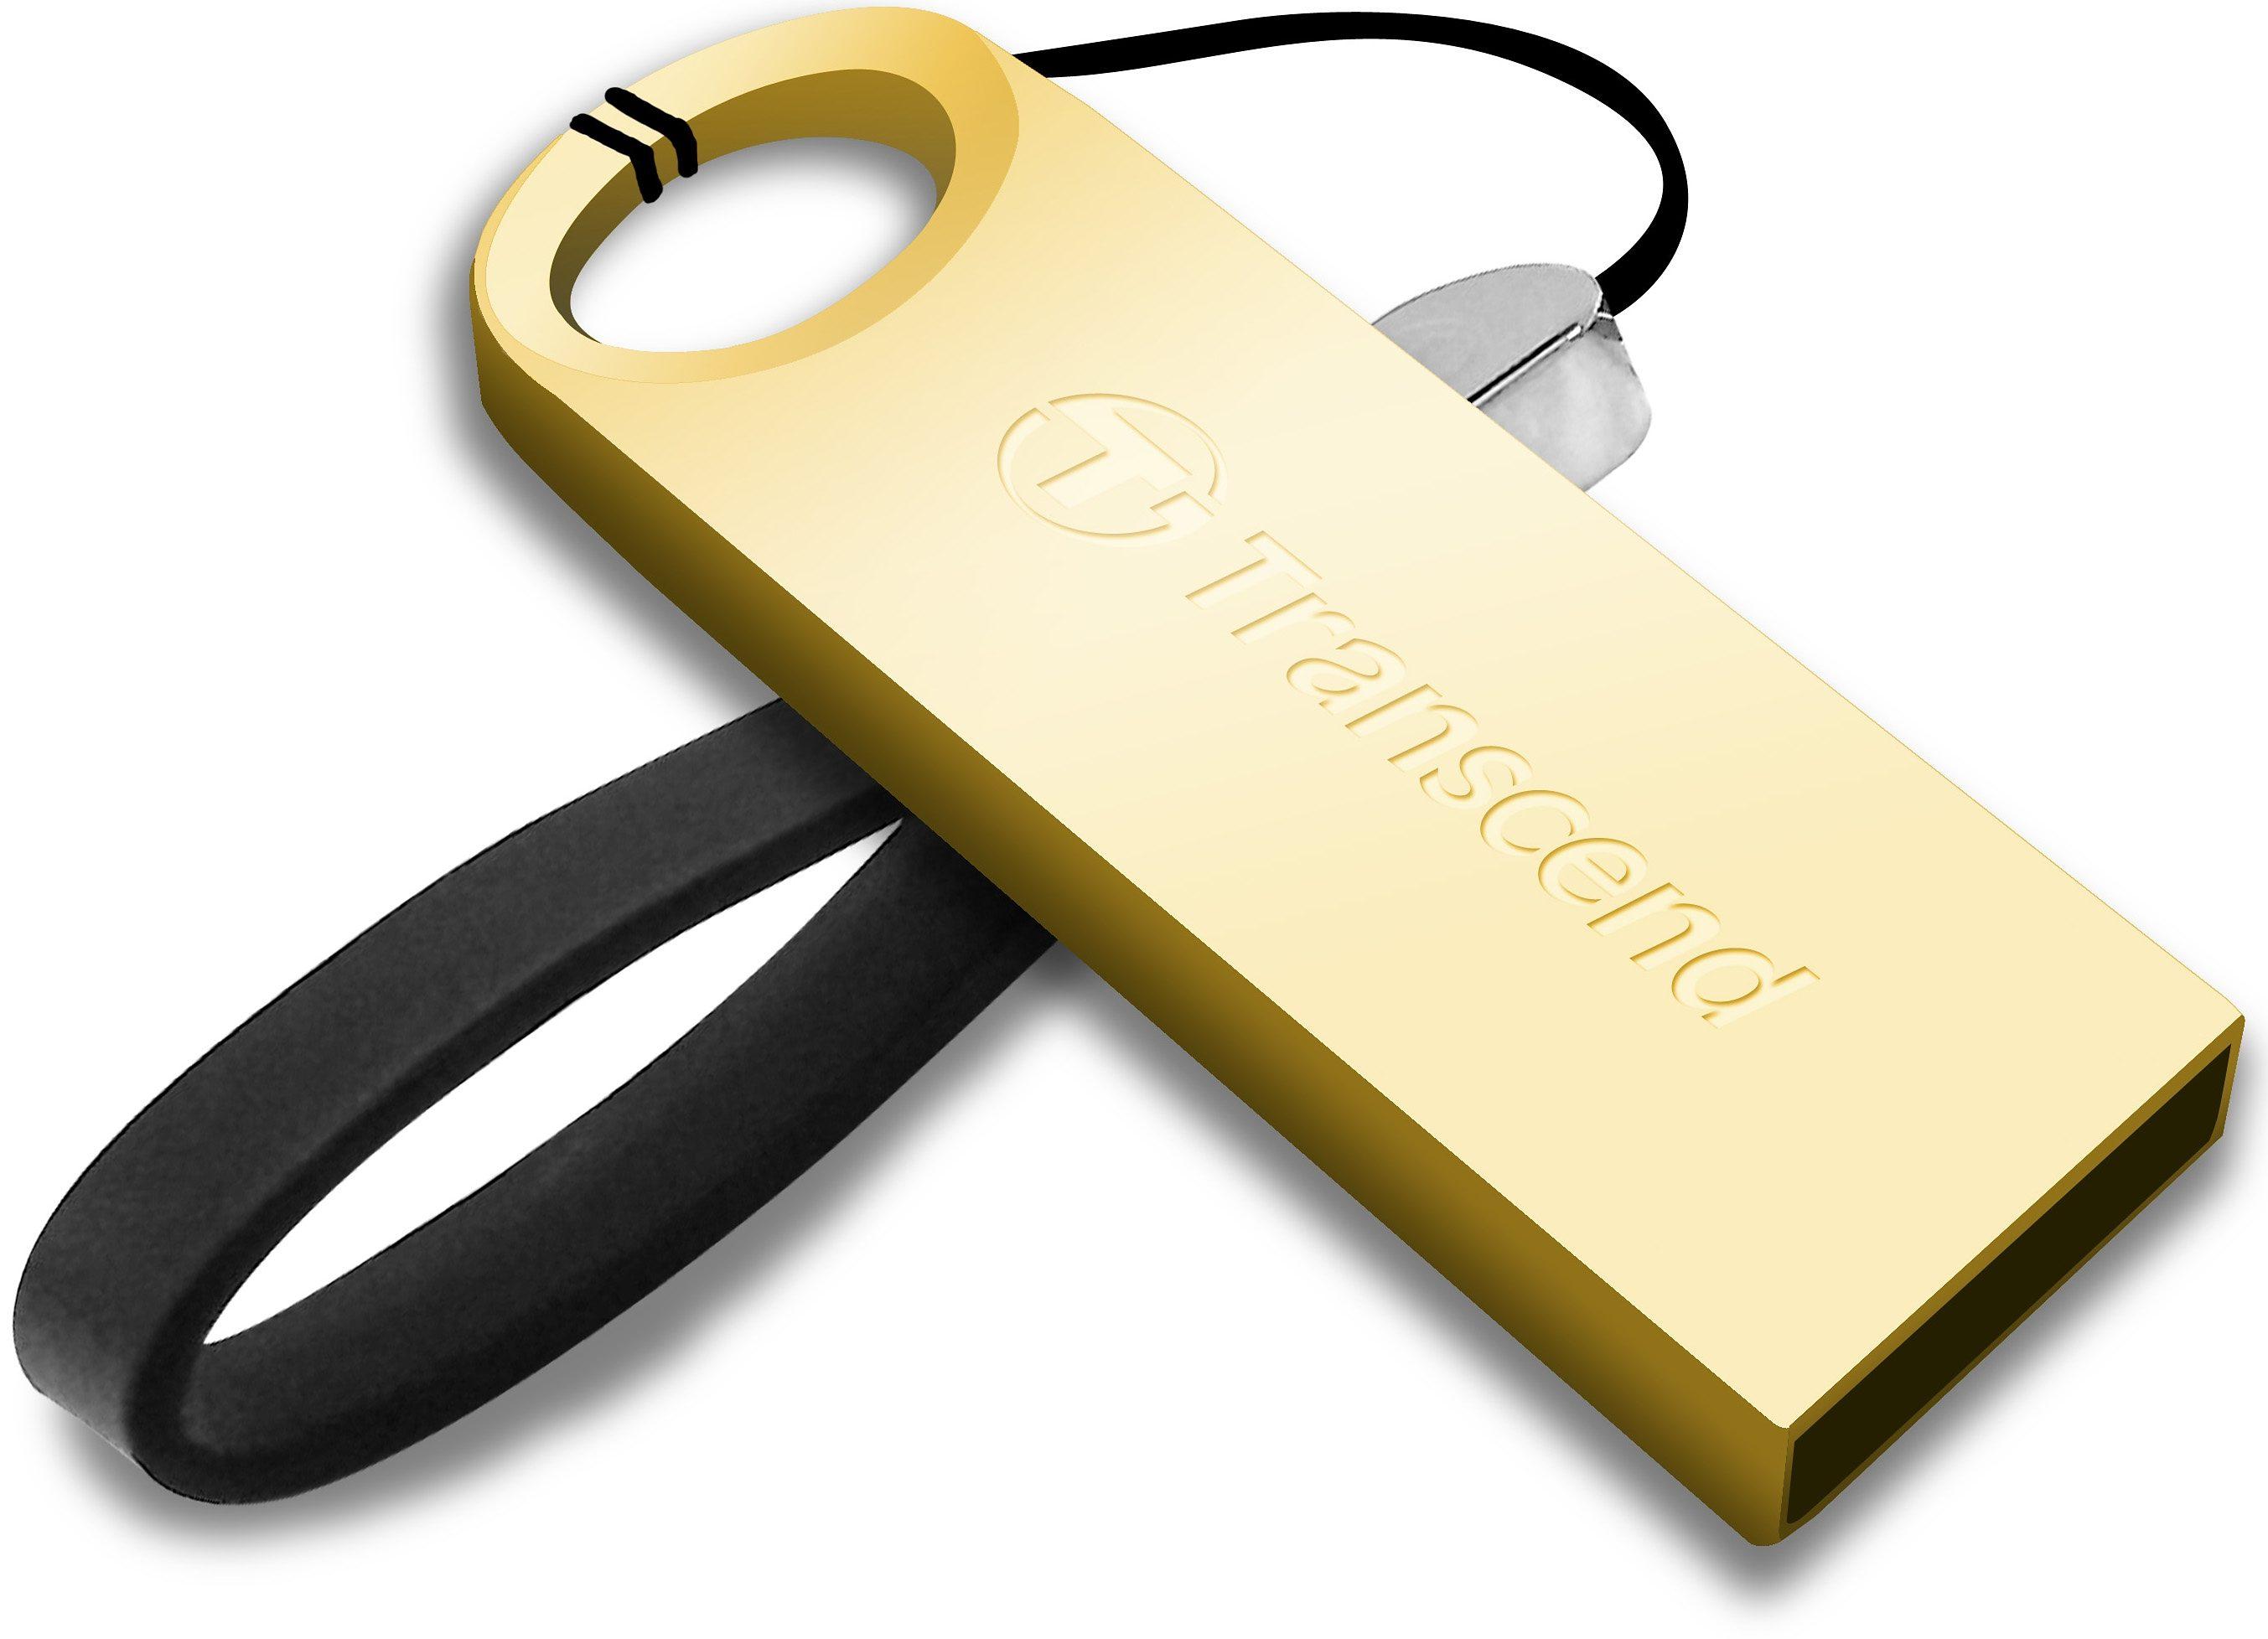 Transcend 16GB JetFlash 520G USB-Stick mit Metallgehäuse USB 2.0